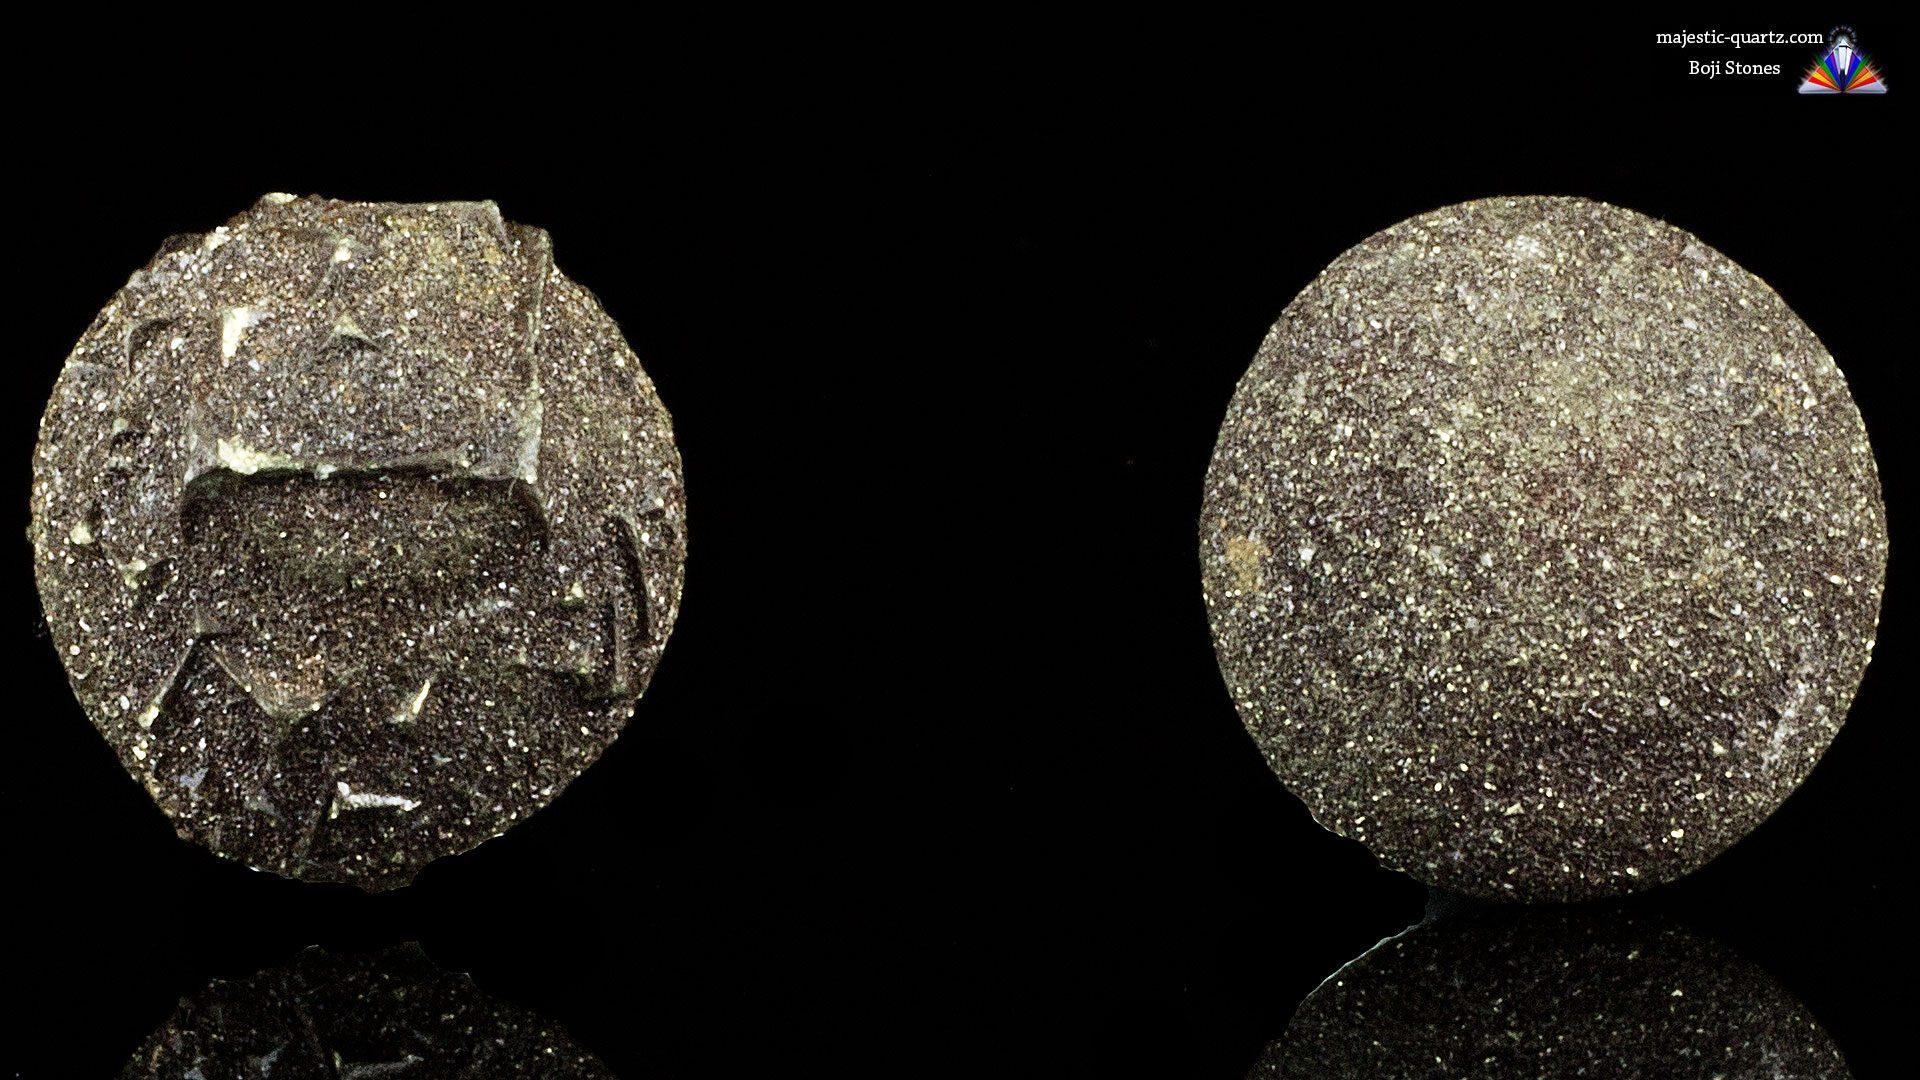 Boji Stone Crystal Specimen - Mineral Specimen